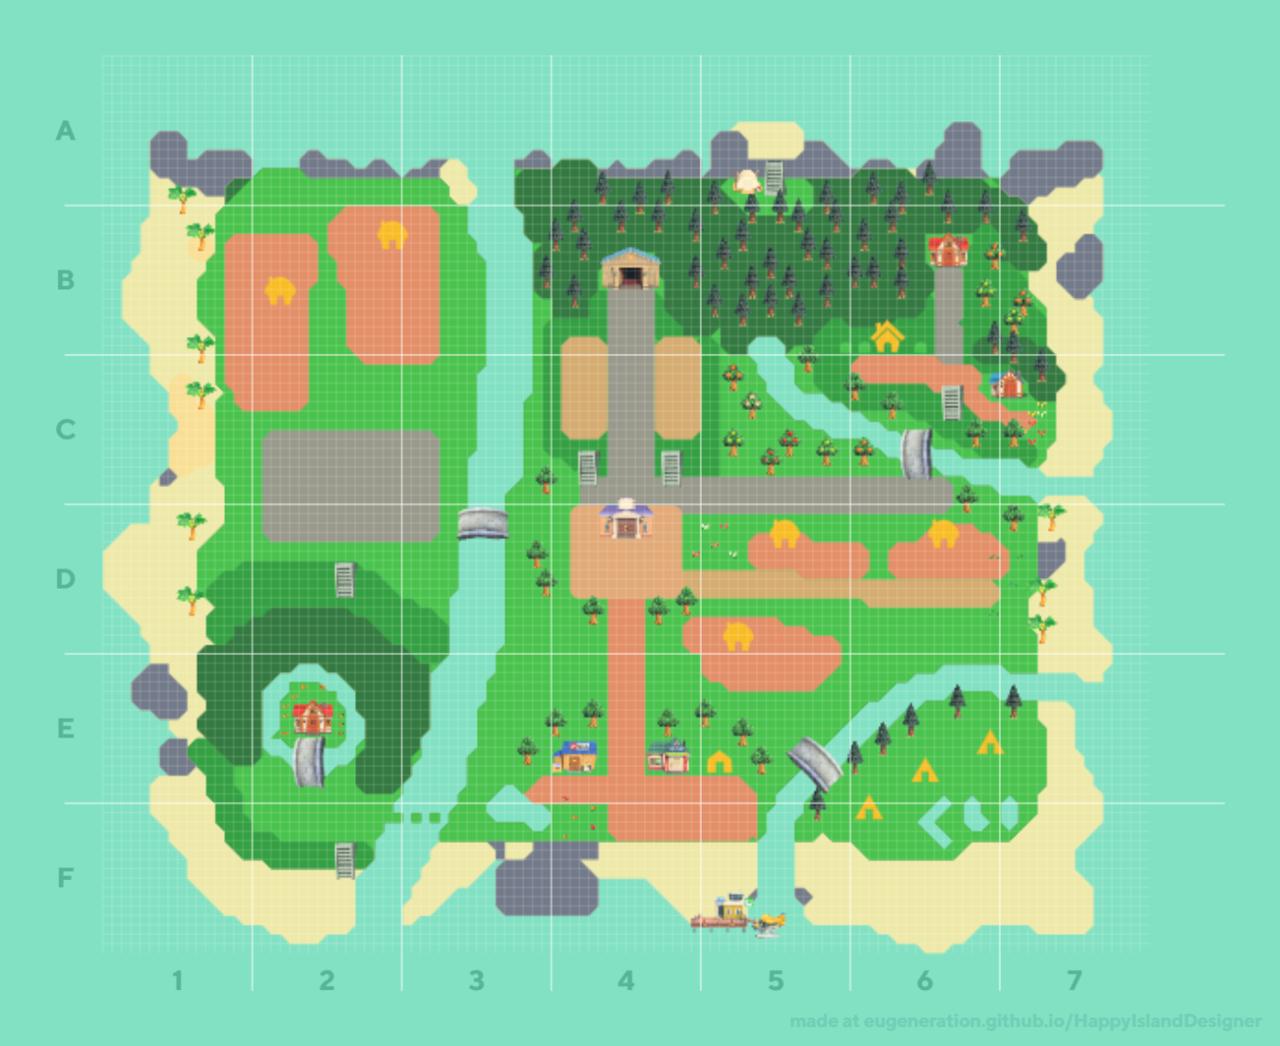 ハッピーアイランドデザイナー 自分の島